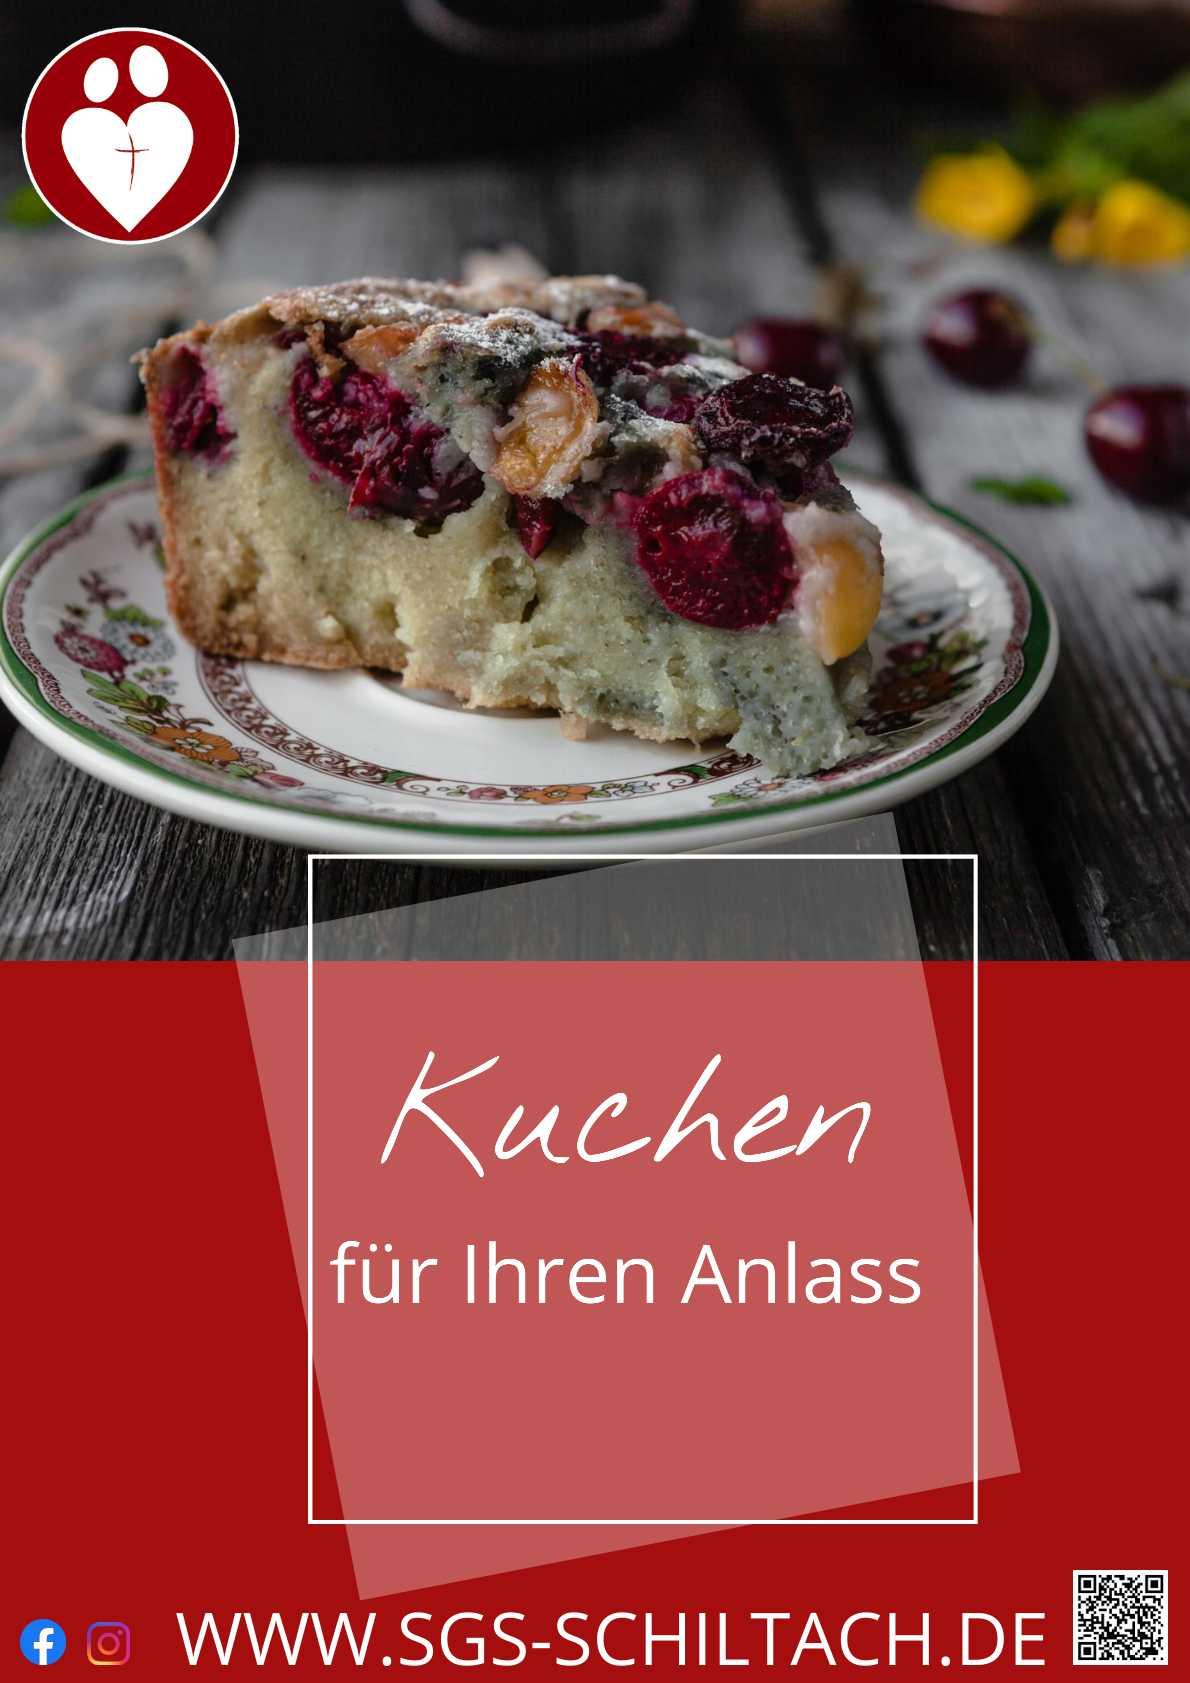 Kuchen für Ihren Anlass